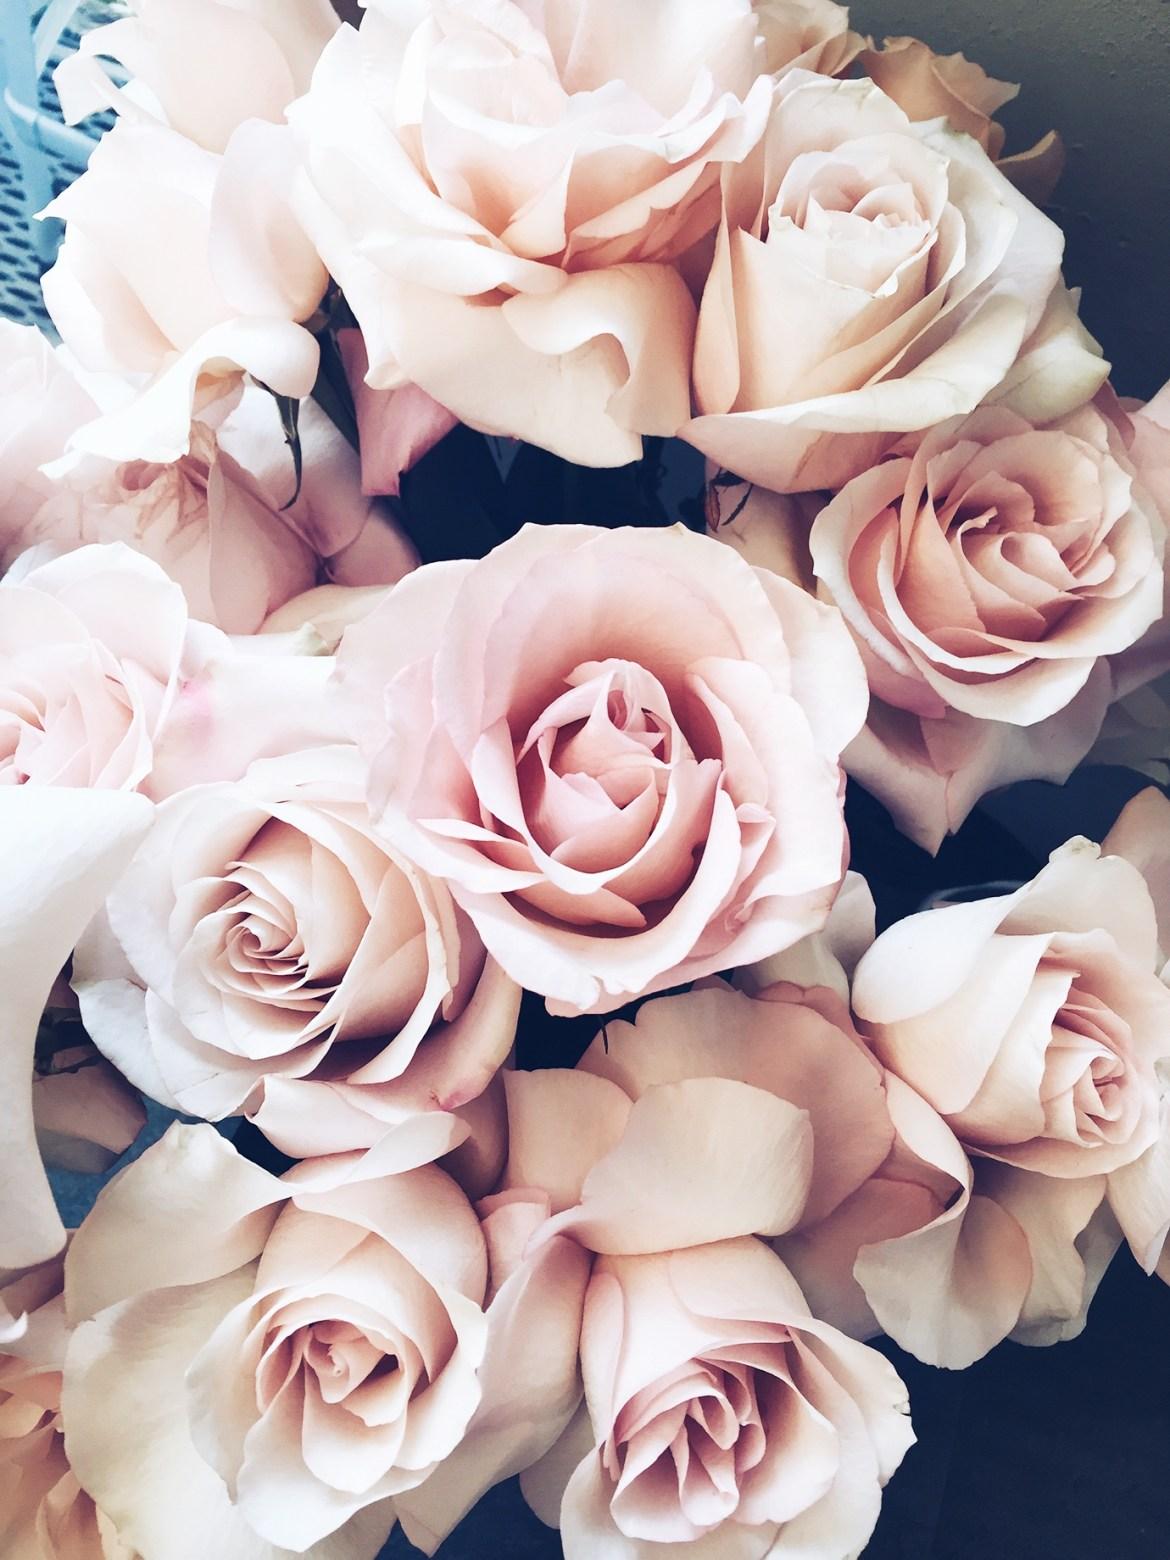 7things_4_roses